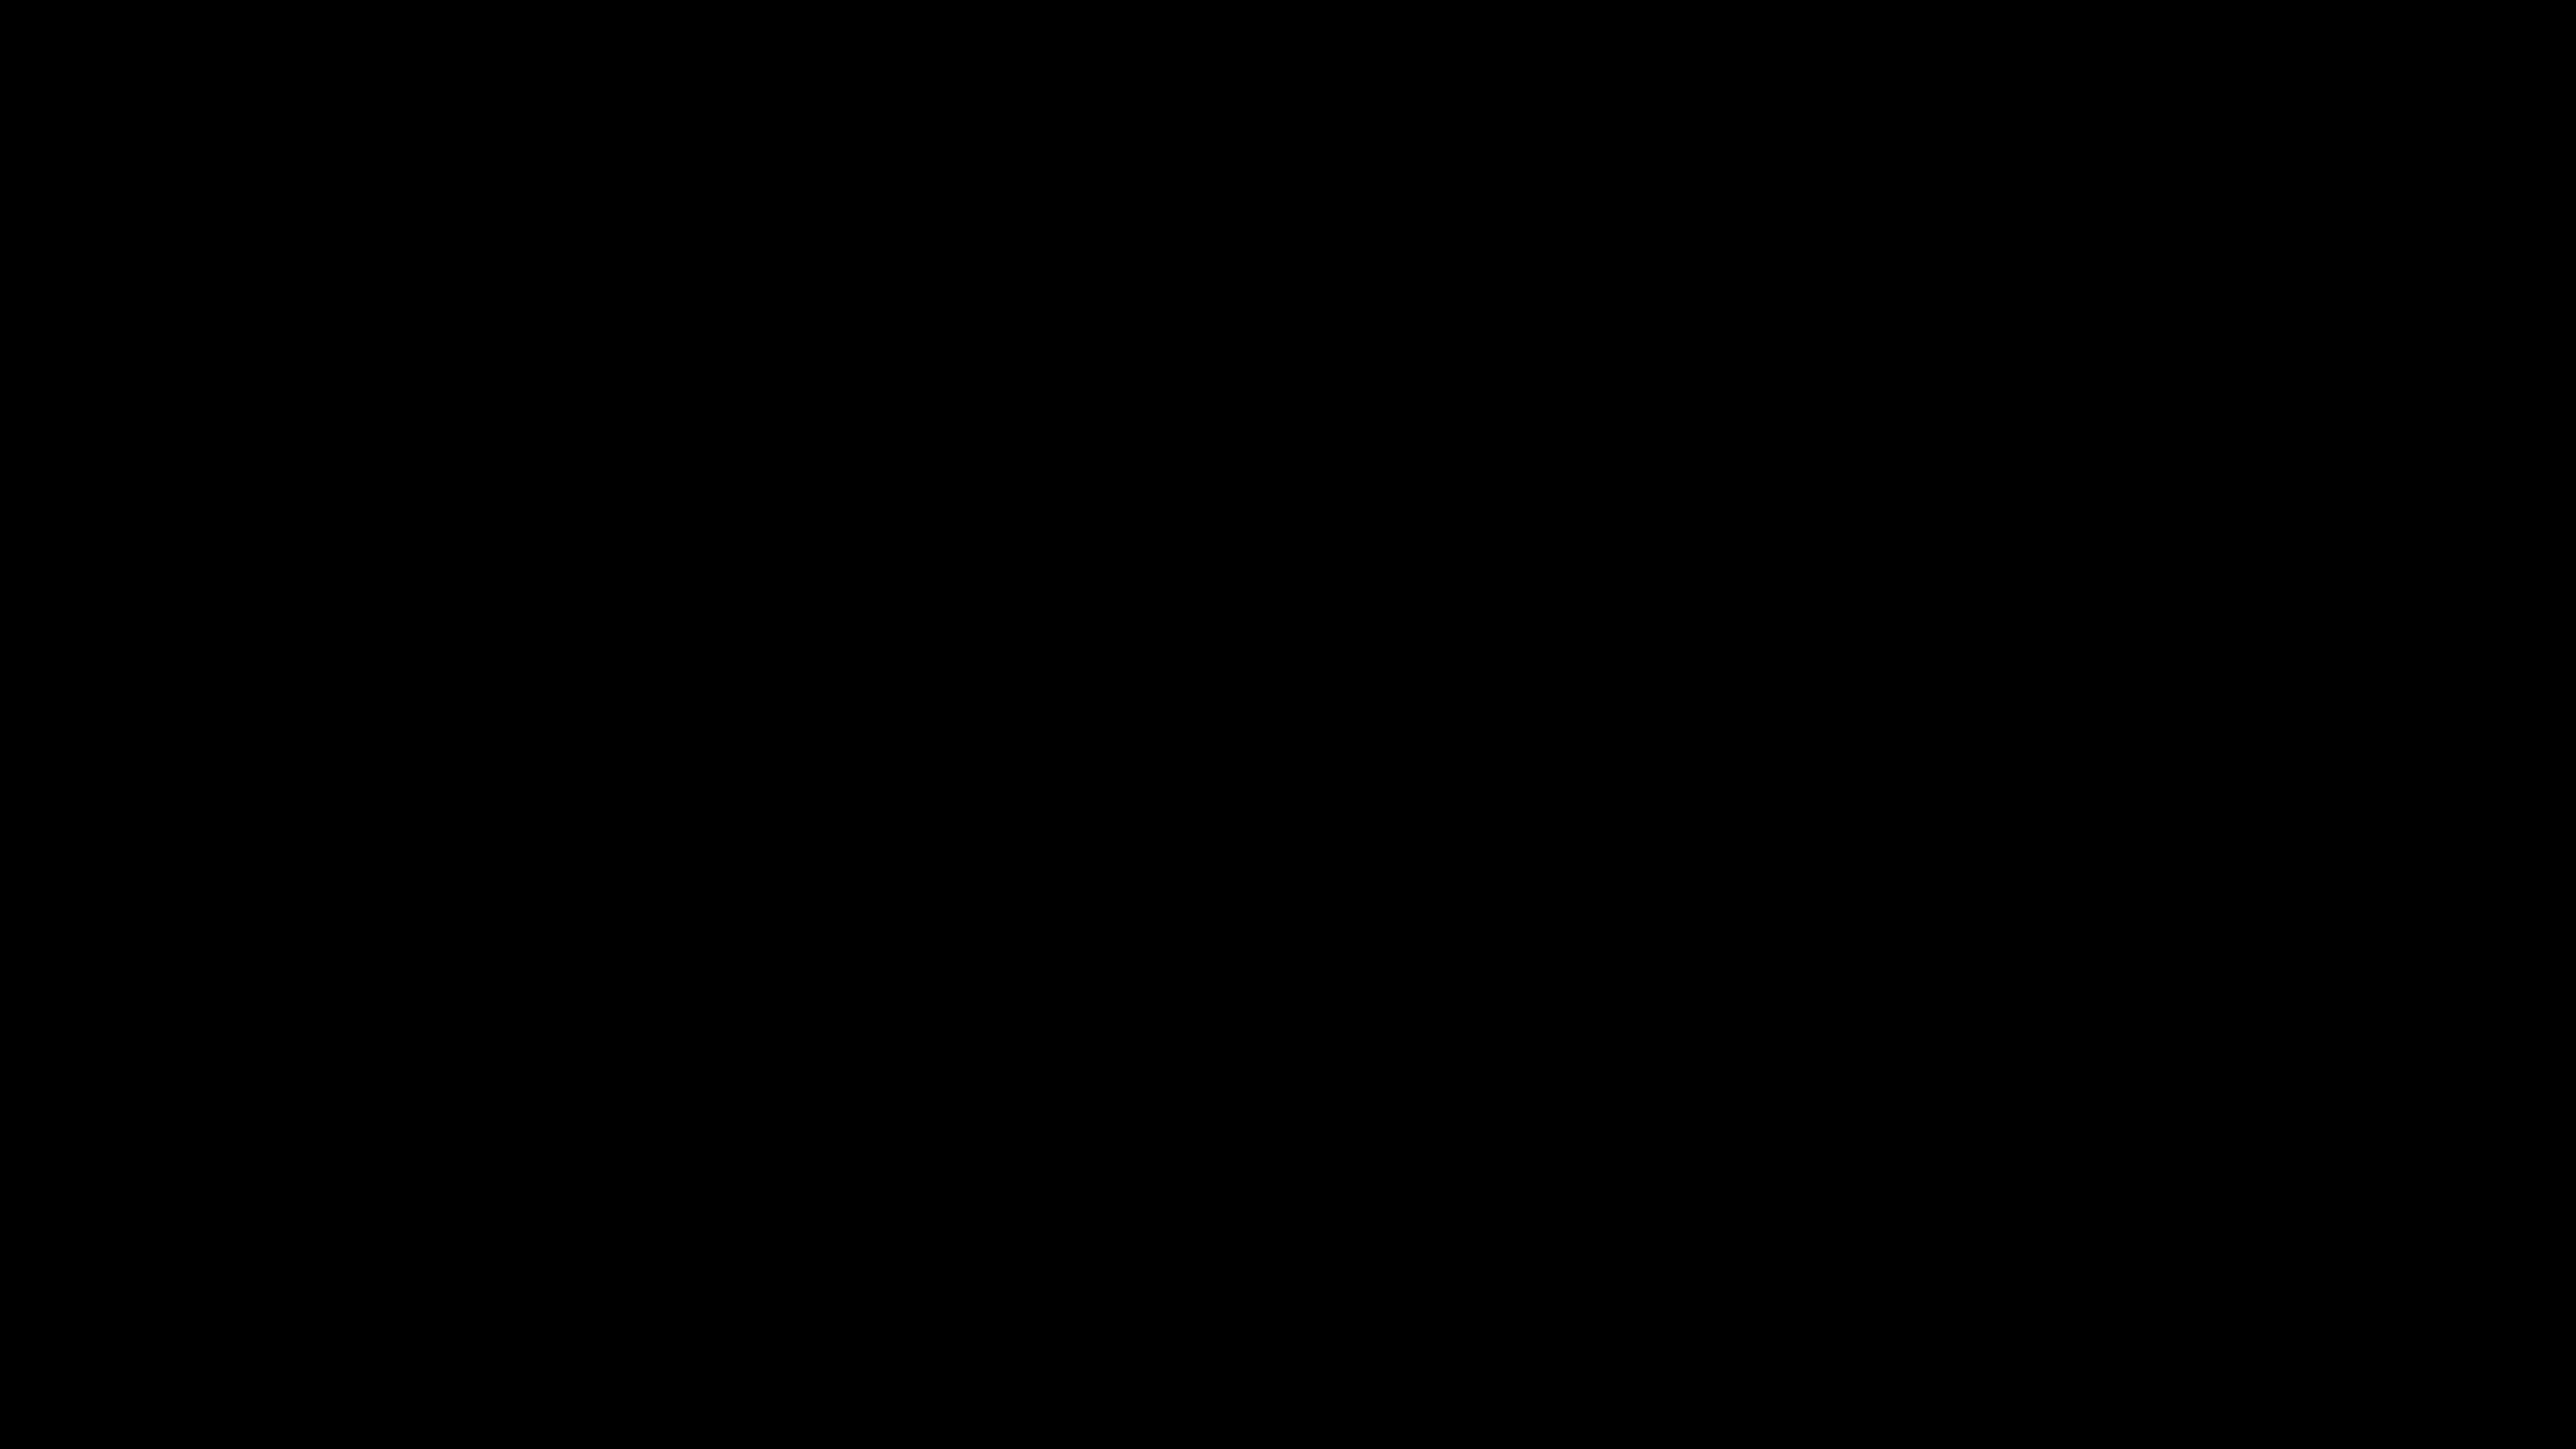 RS Components setzt auf Ladelösungen von ABB